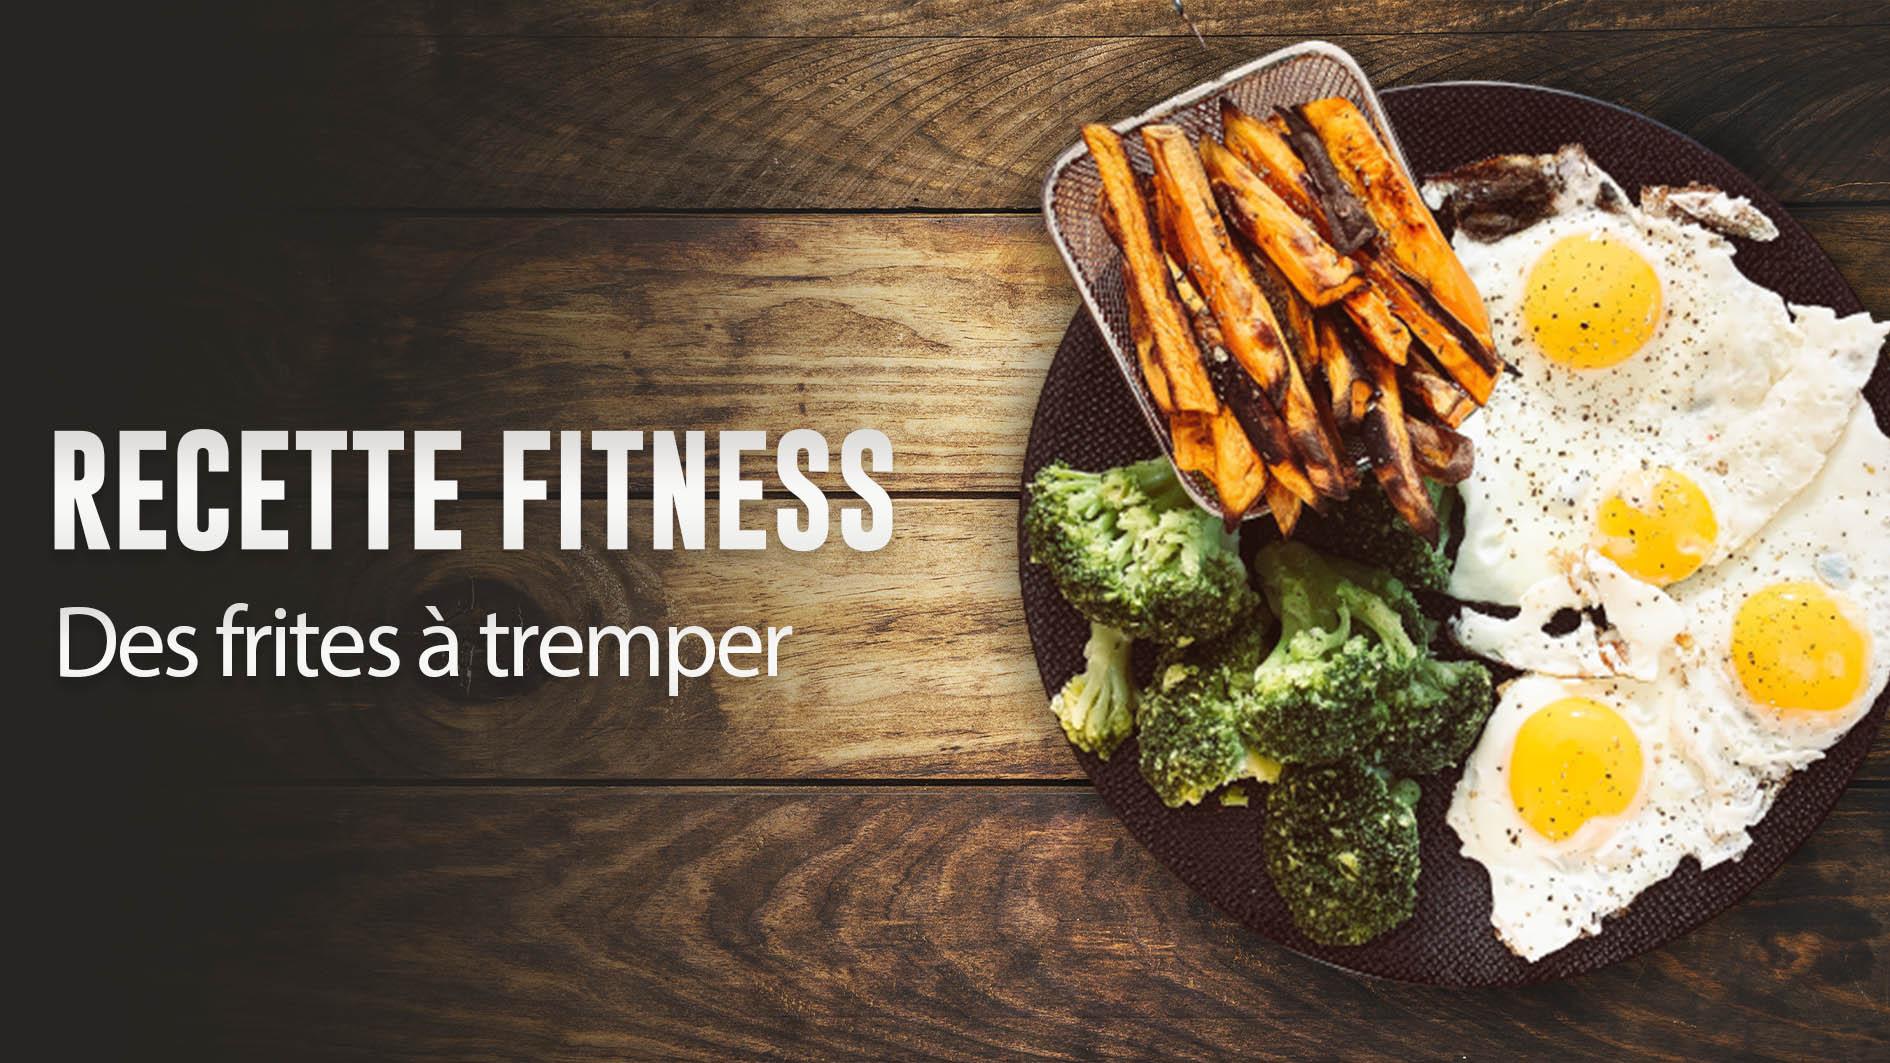 Recette fitness : les frites de patate douce à tremper